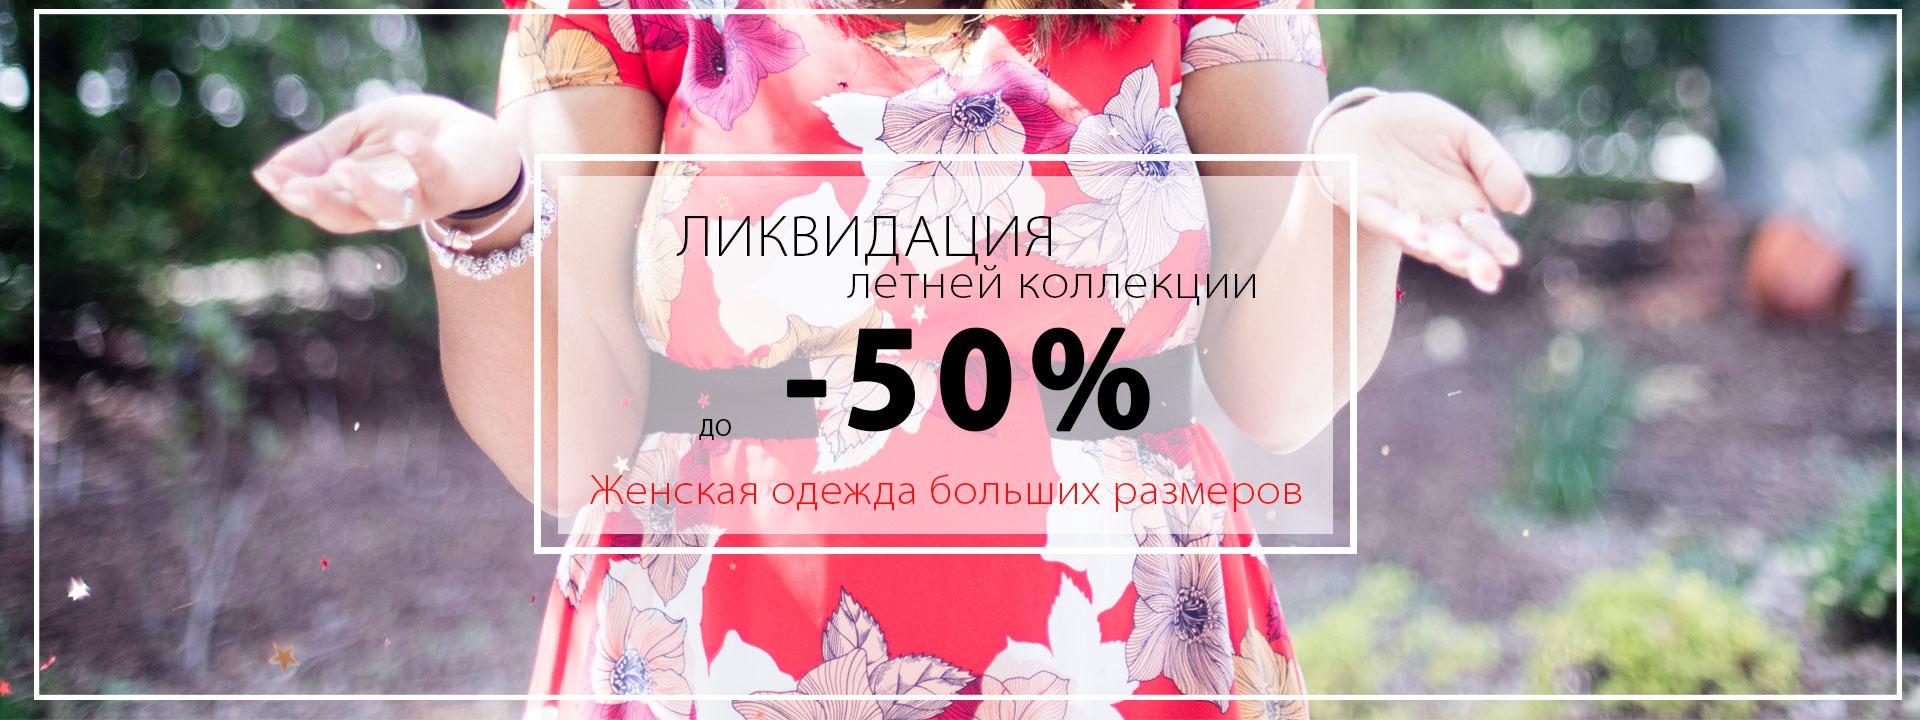 одежда для полных женщин недорого